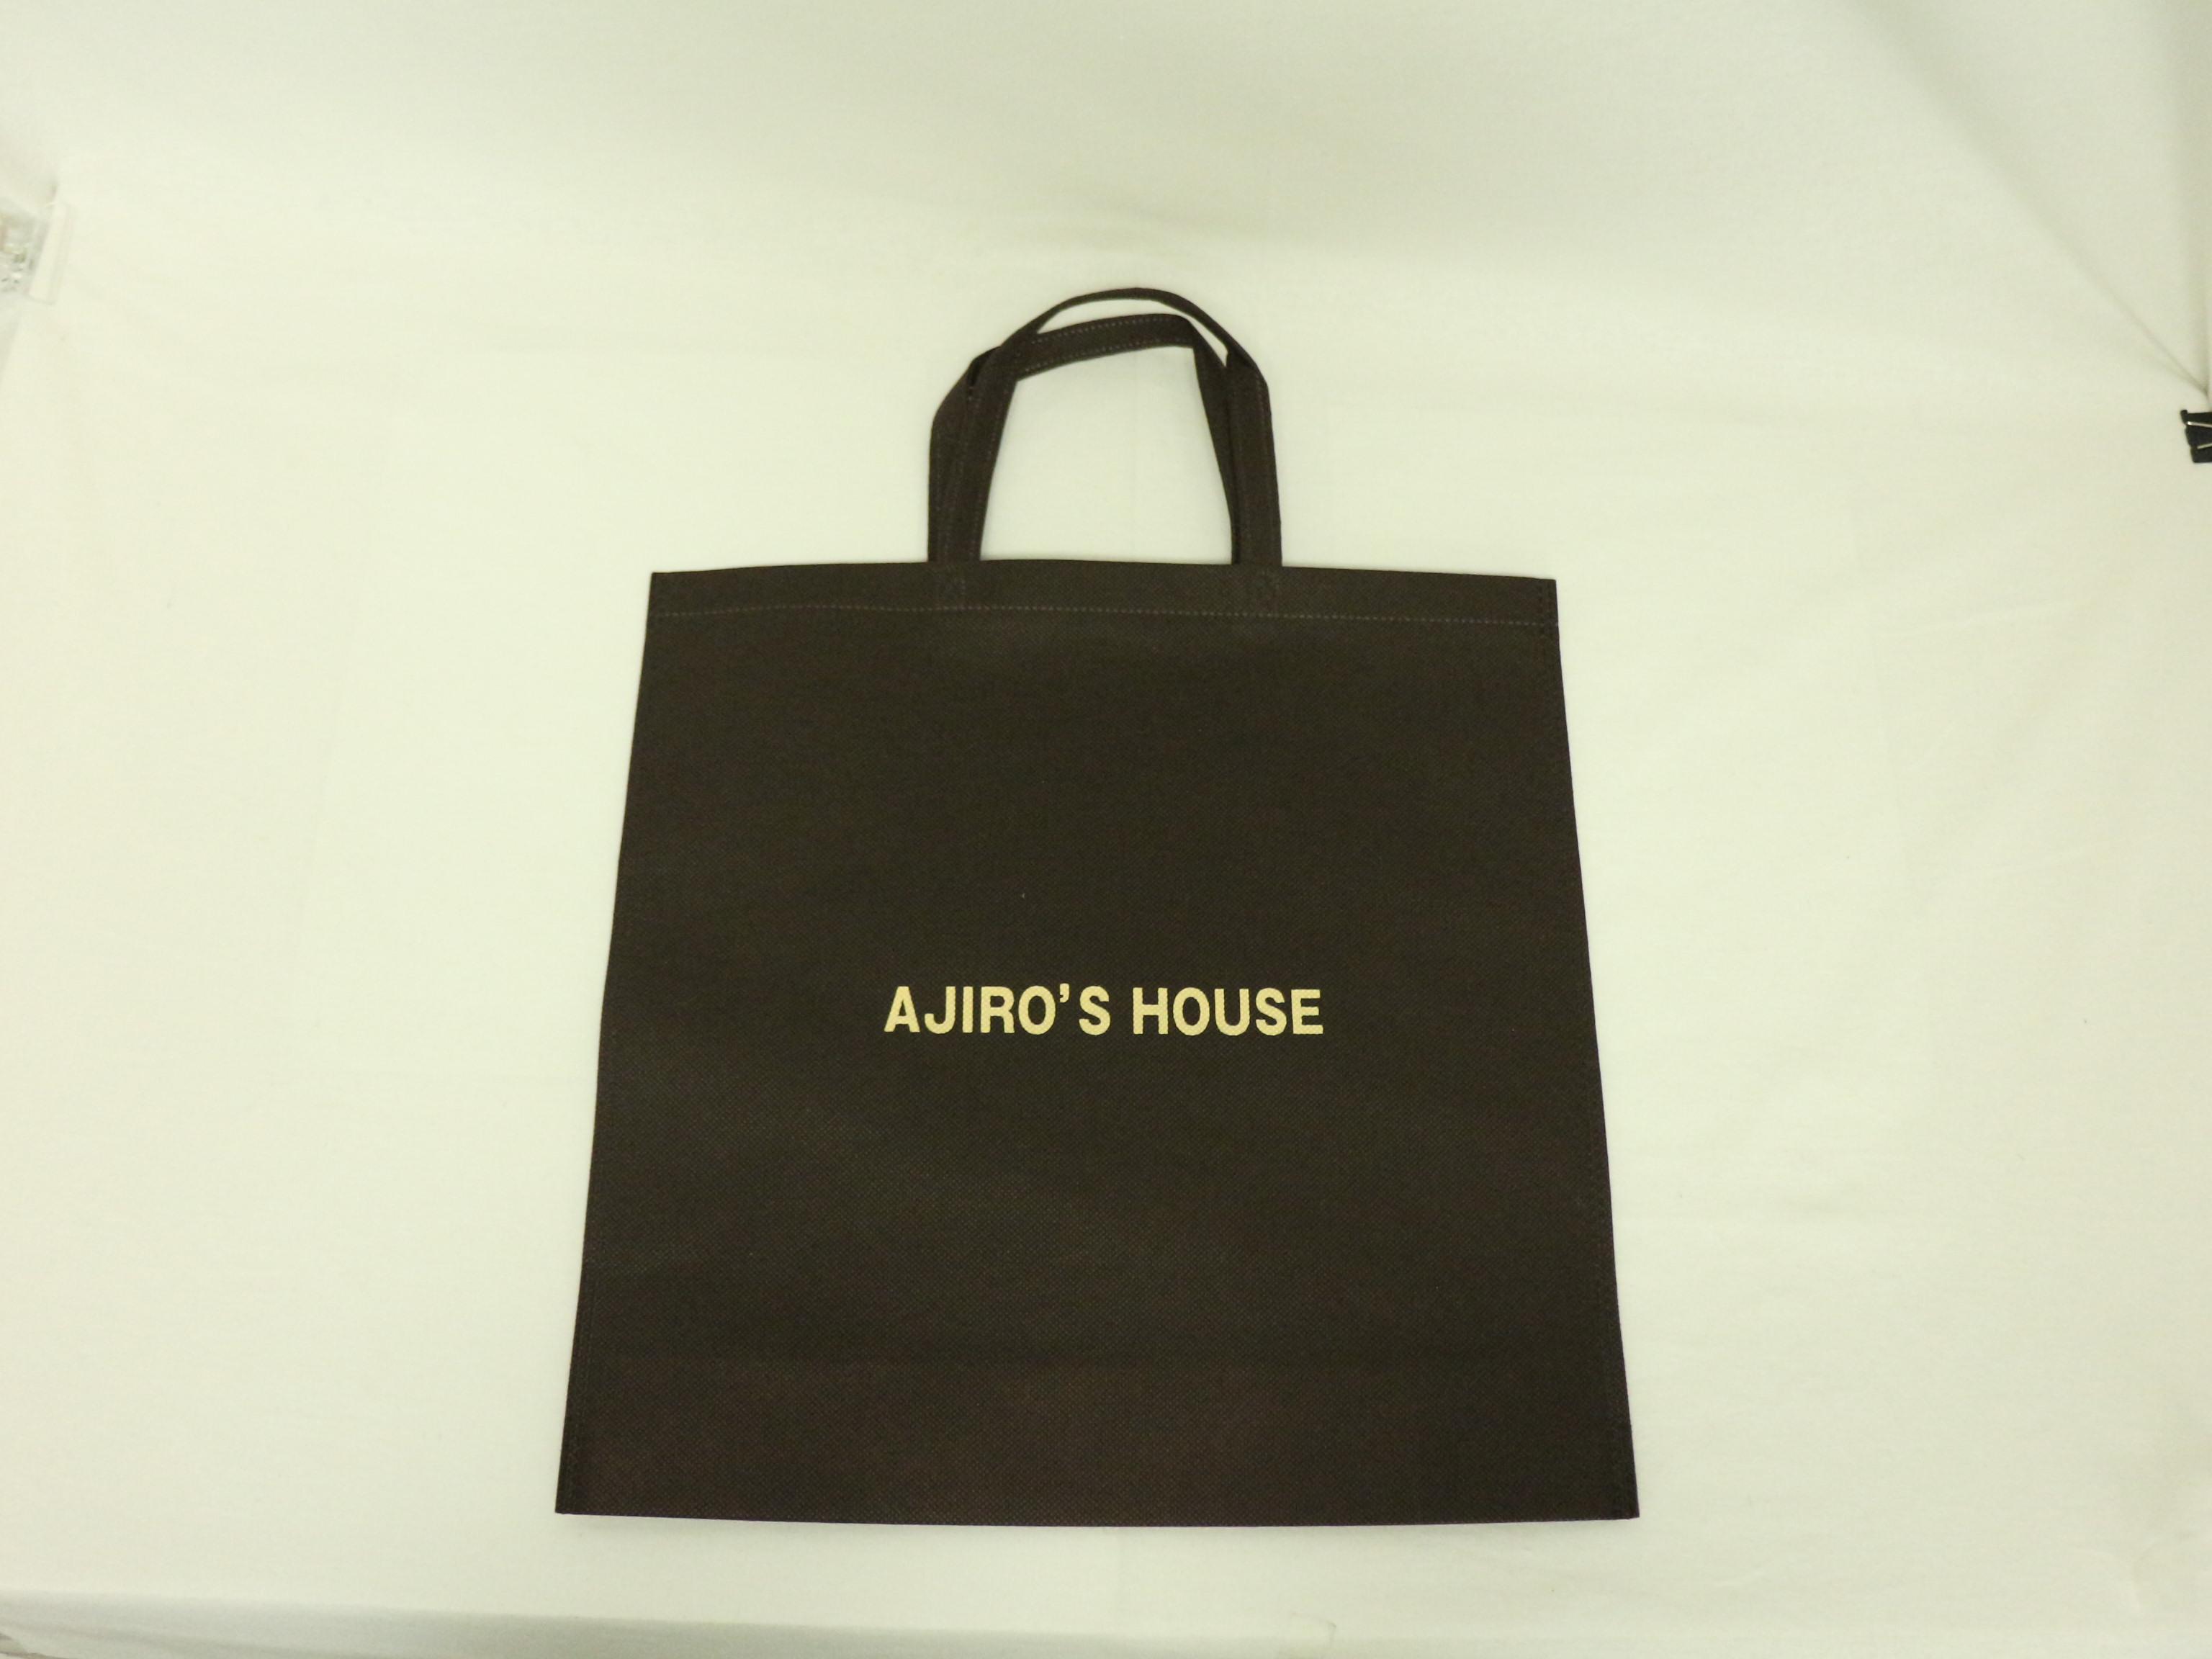 建設関係企業様のオリジナル不織布バッグ